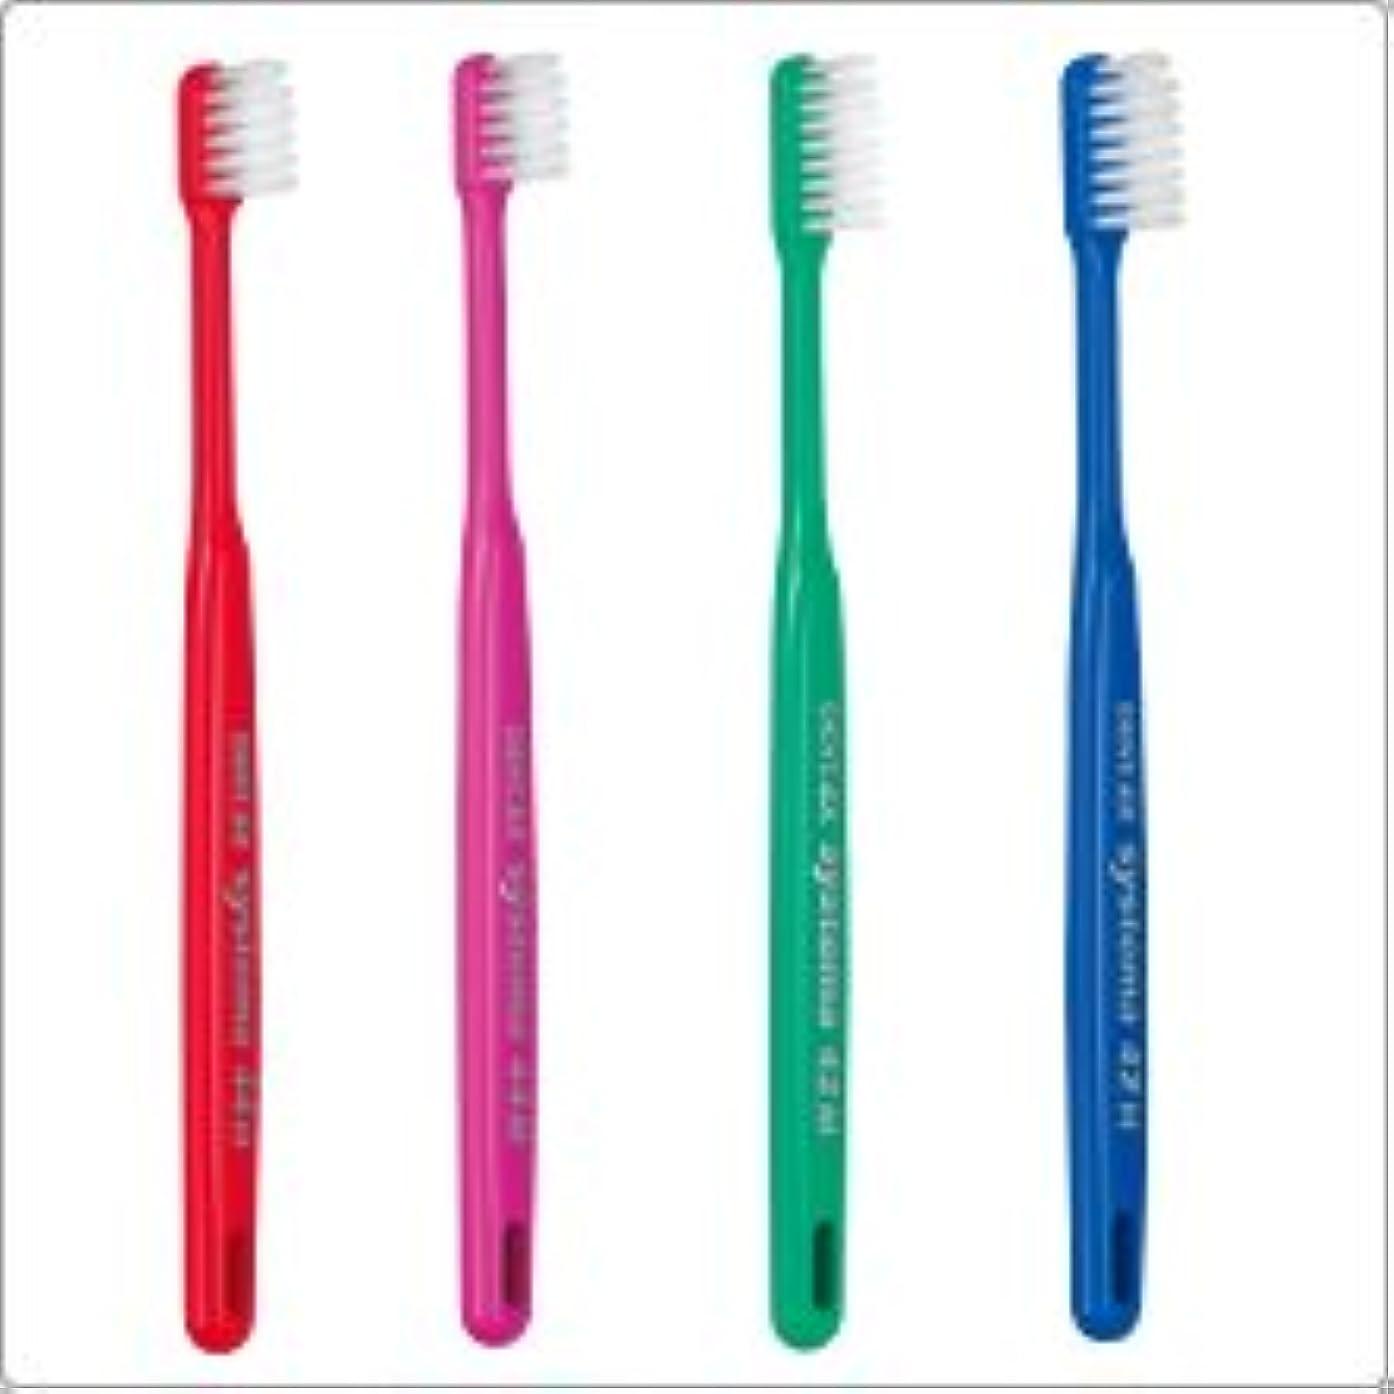 喜んで取り付け勃起ライオン DENT.EX システマ 歯ブラシ 44M(コンパクト ふつう)×10本 大人用歯ブラシ 歯科専売品